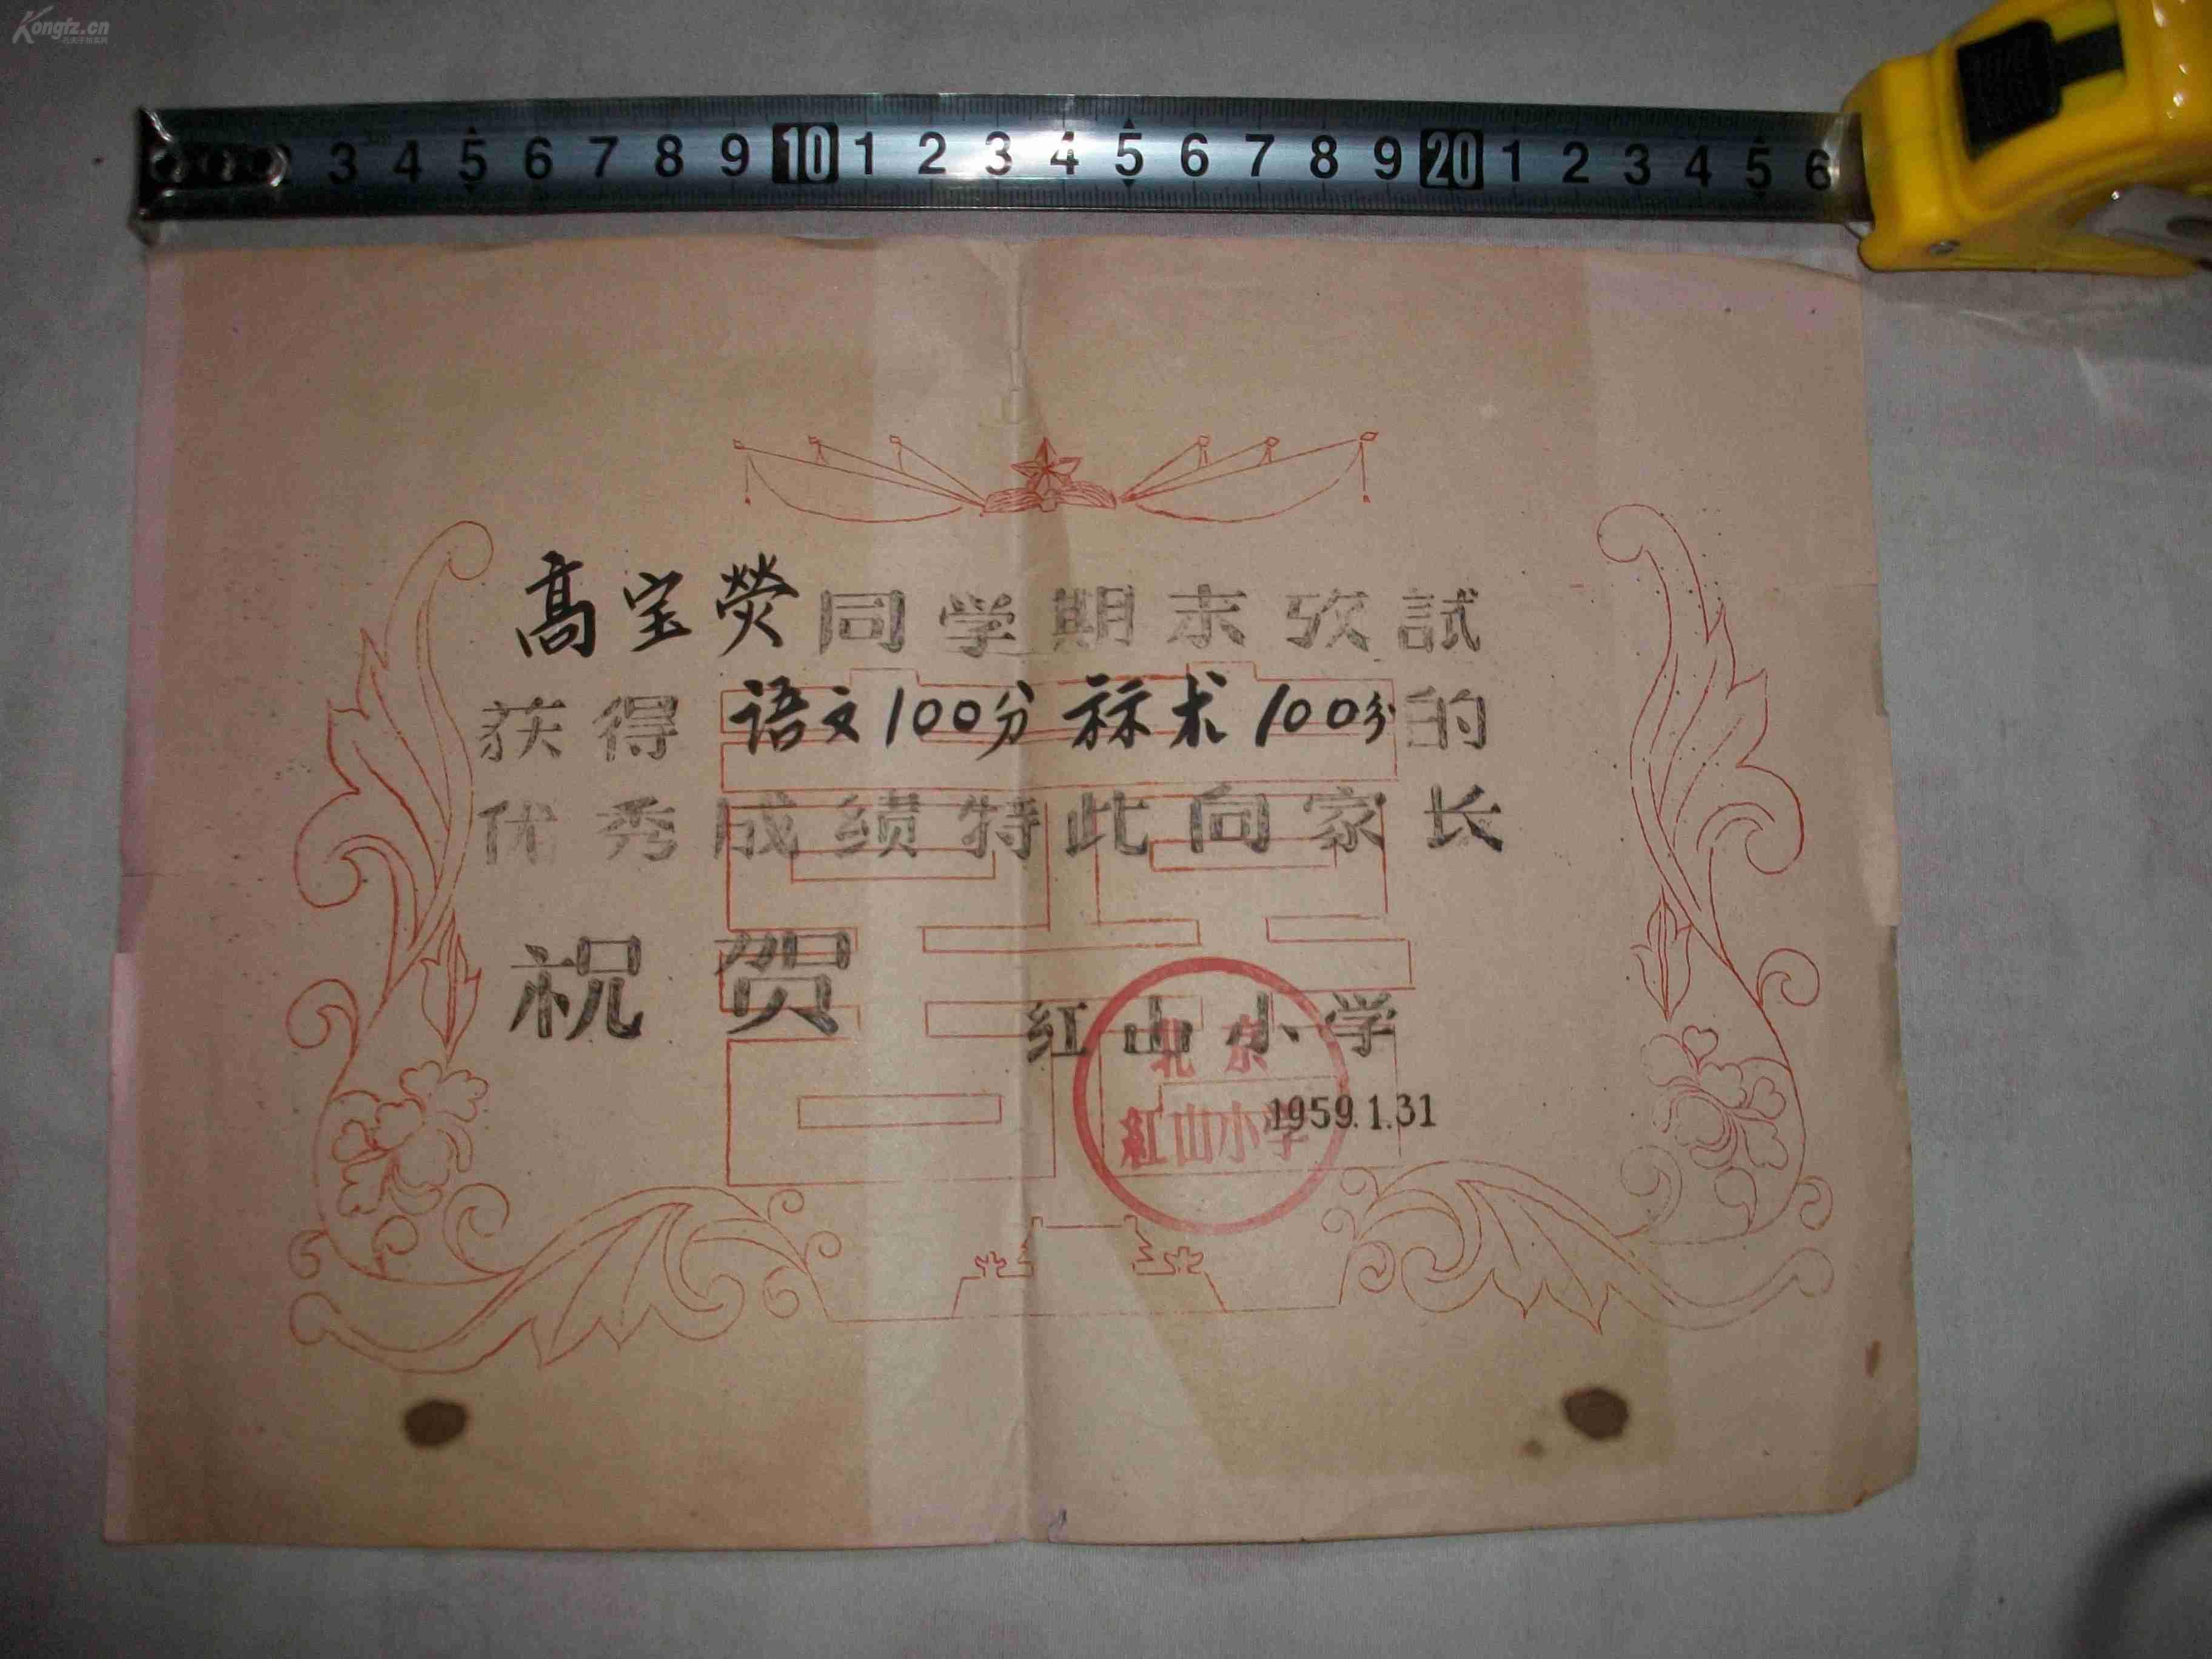 【图】1959年荔城增城小学给贺信的家长20北京小学红山第一图片